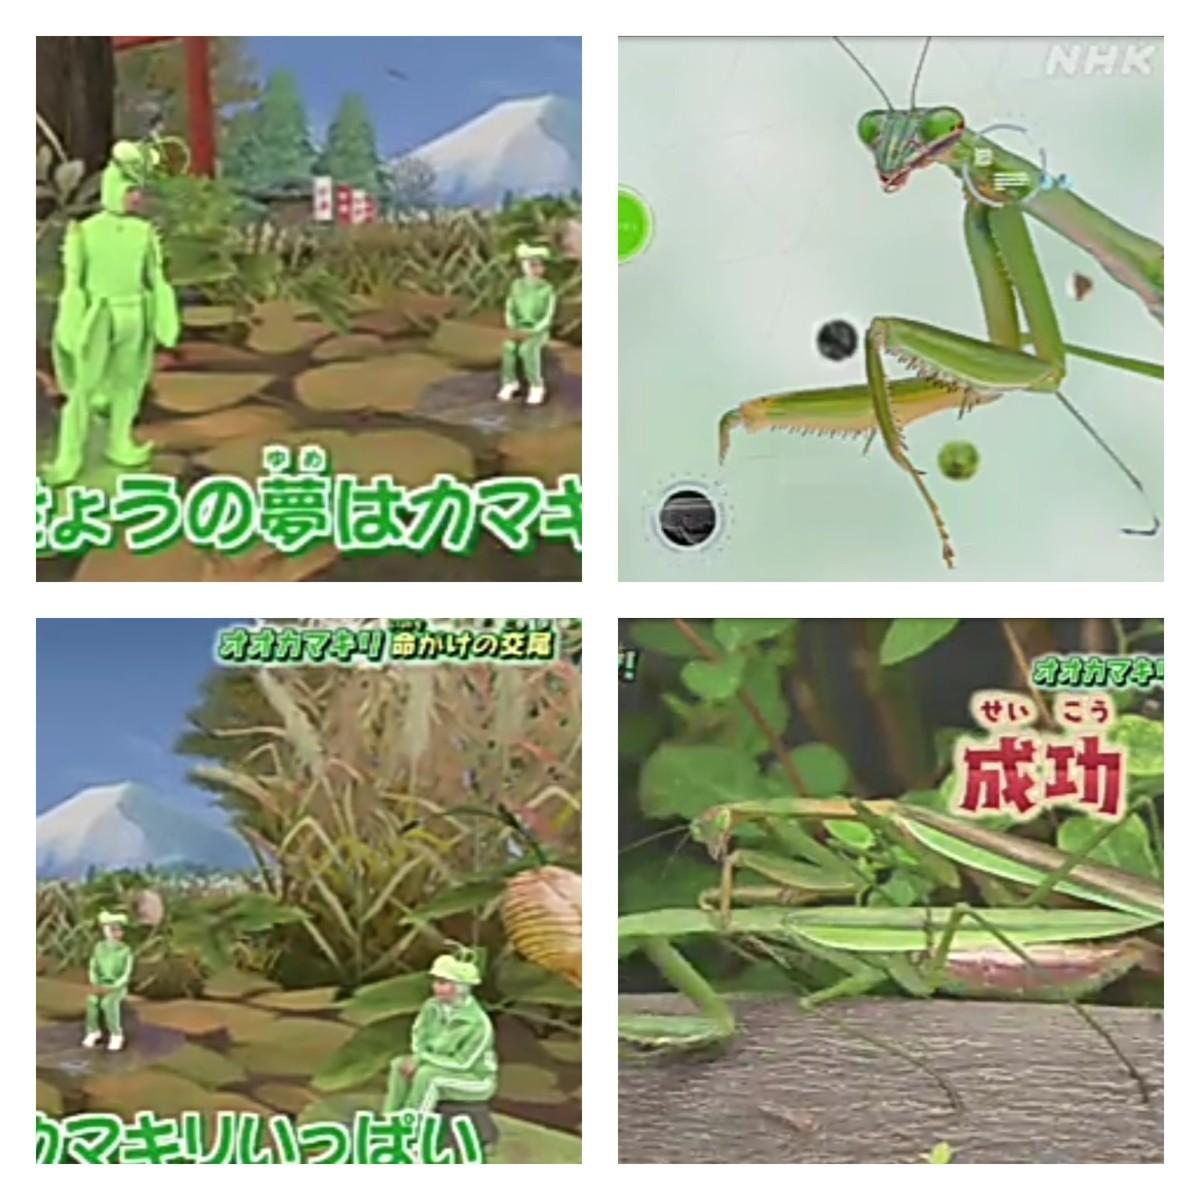 ものすごい 昆虫 図鑑